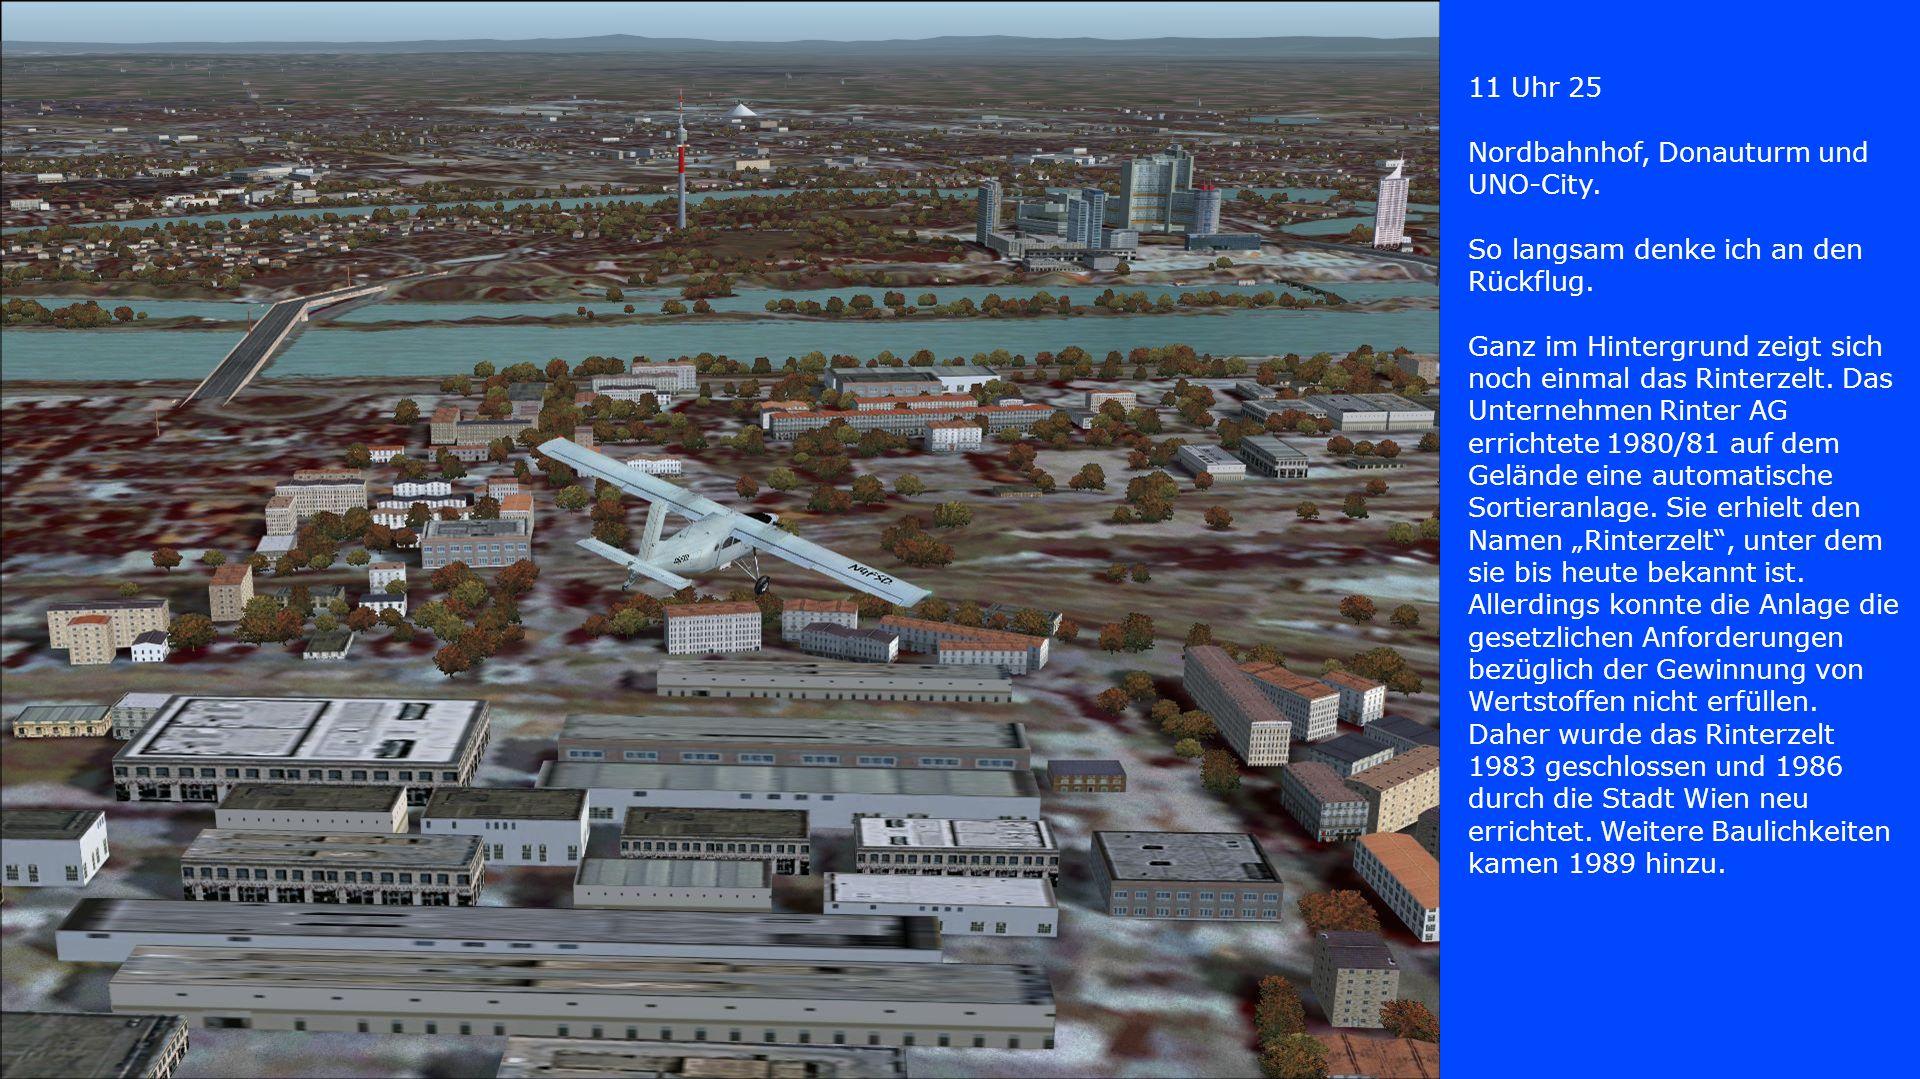 11 Uhr 25 Nordbahnhof, Donauturm und UNO-City. So langsam denke ich an den Rückflug. Ganz im Hintergrund zeigt sich noch einmal das Rinterzelt. Das Un